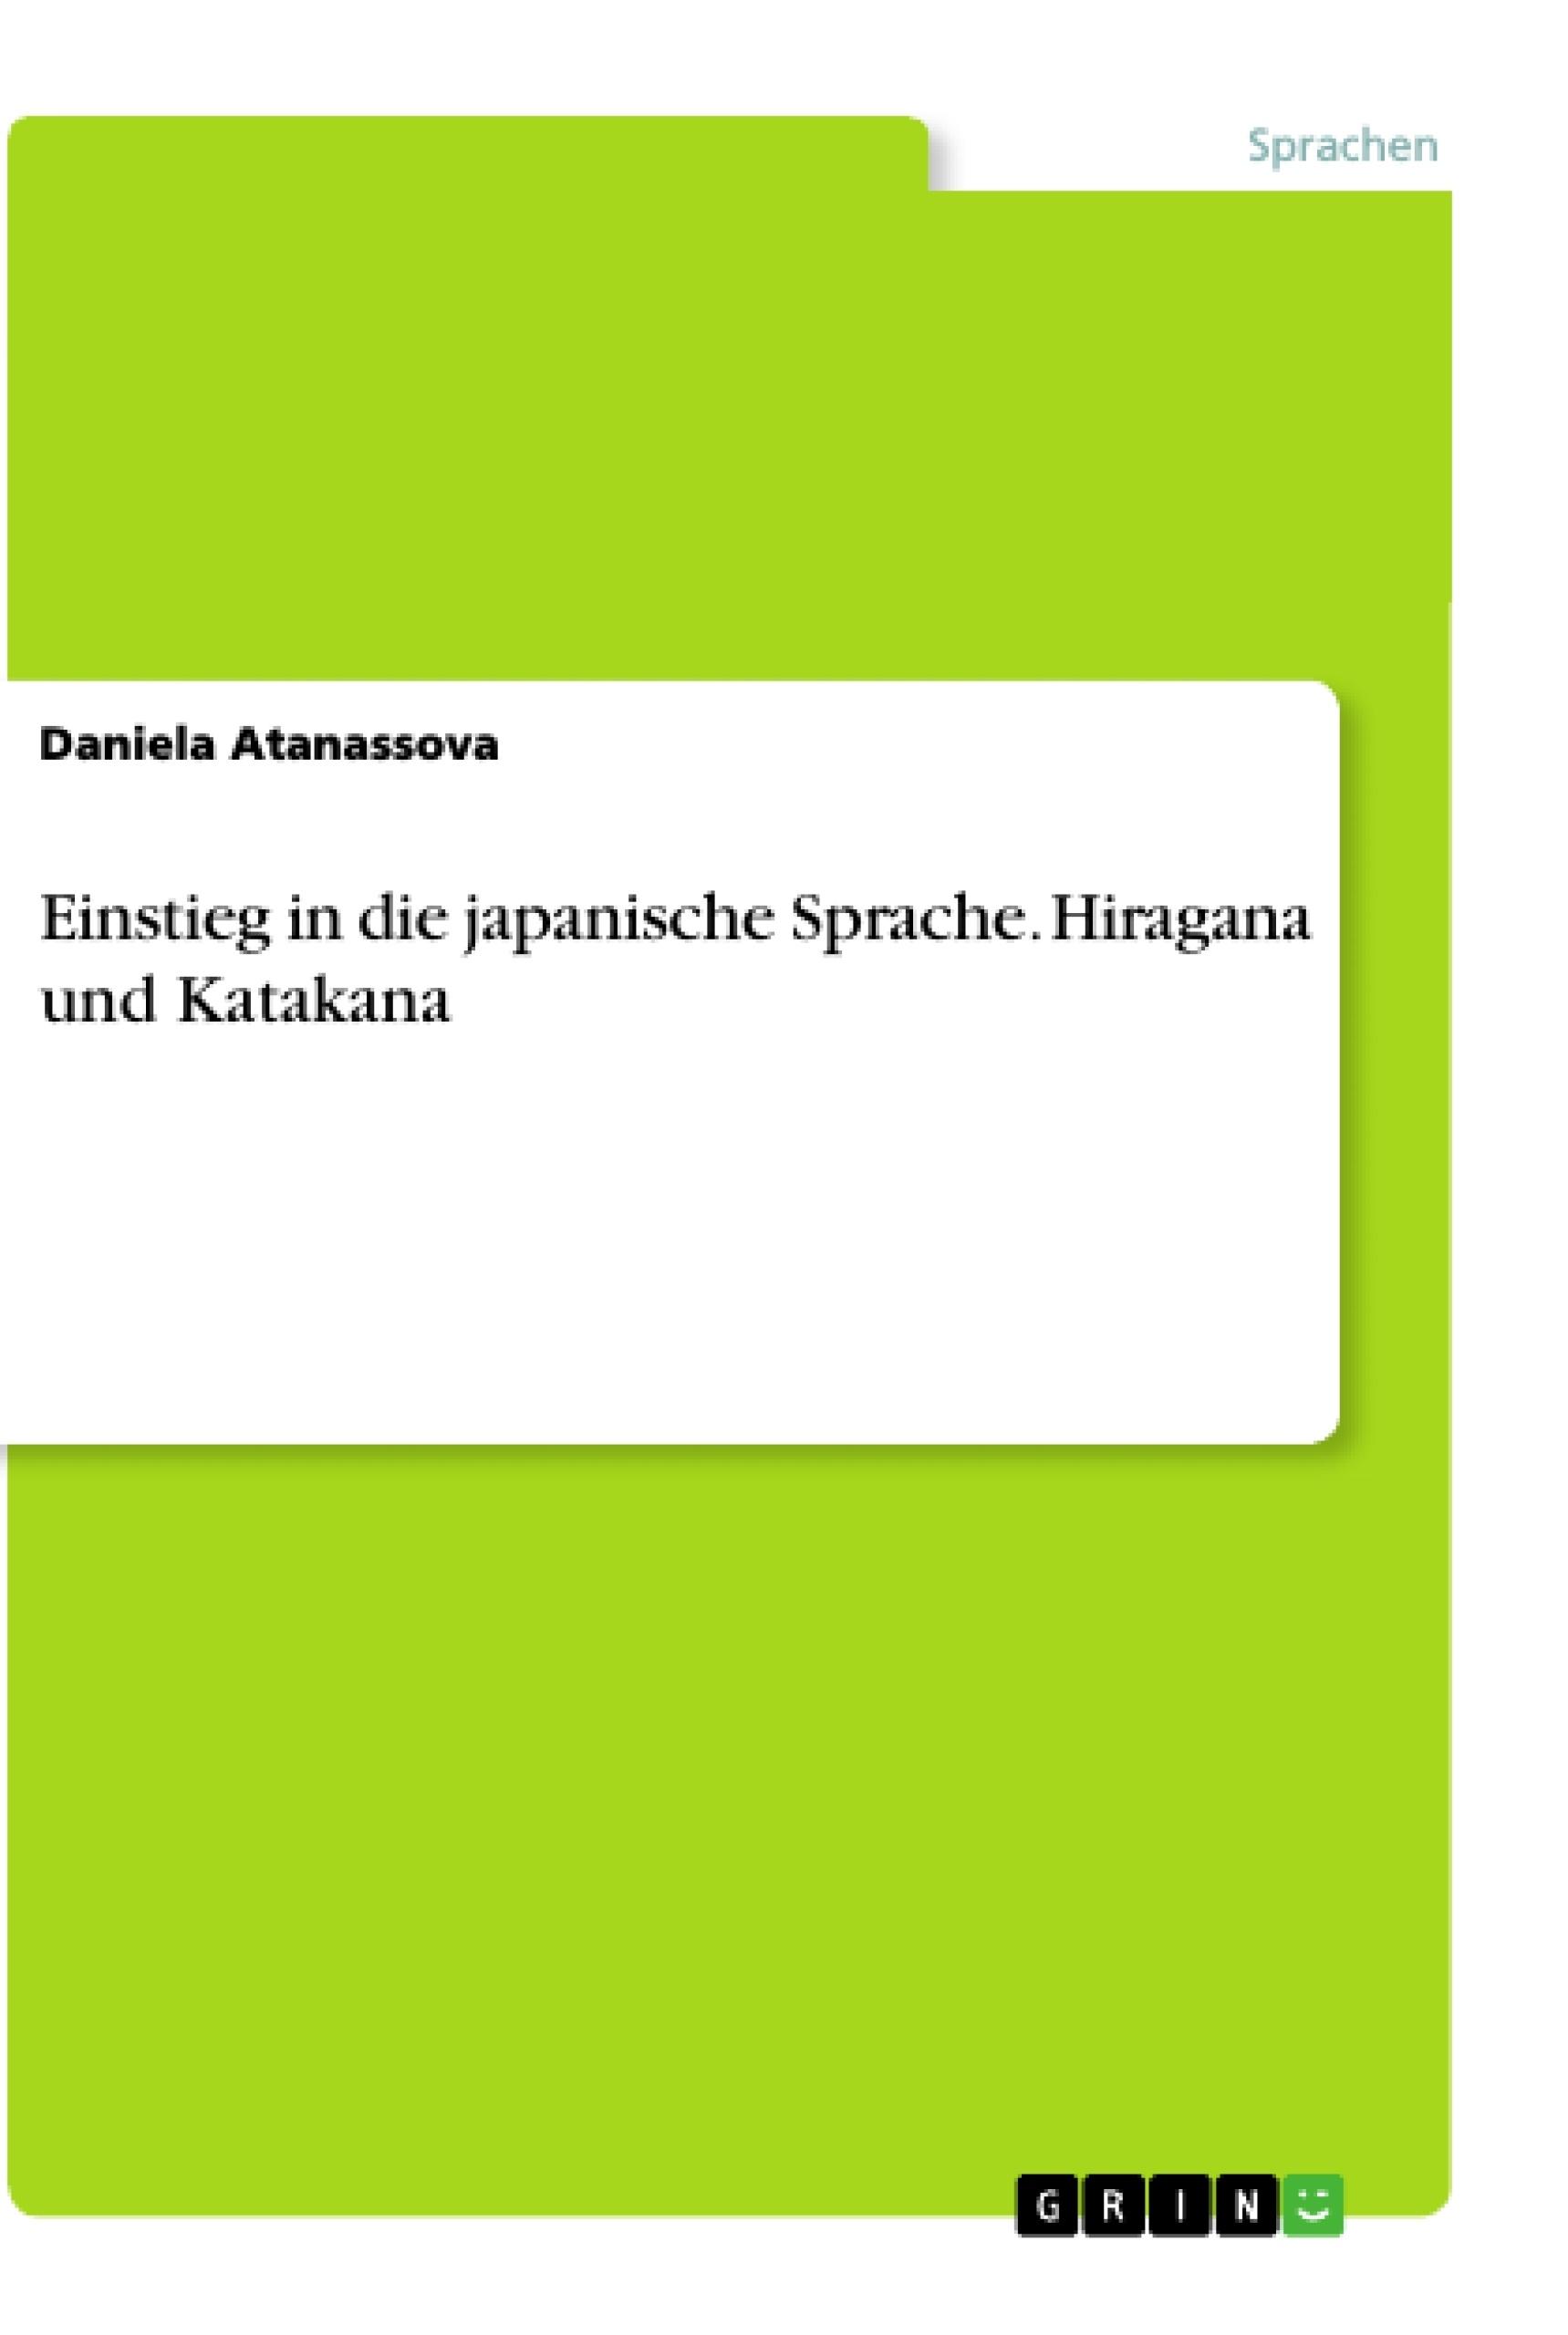 Titel: Einstieg in die japanische Sprache. Hiragana und Katakana